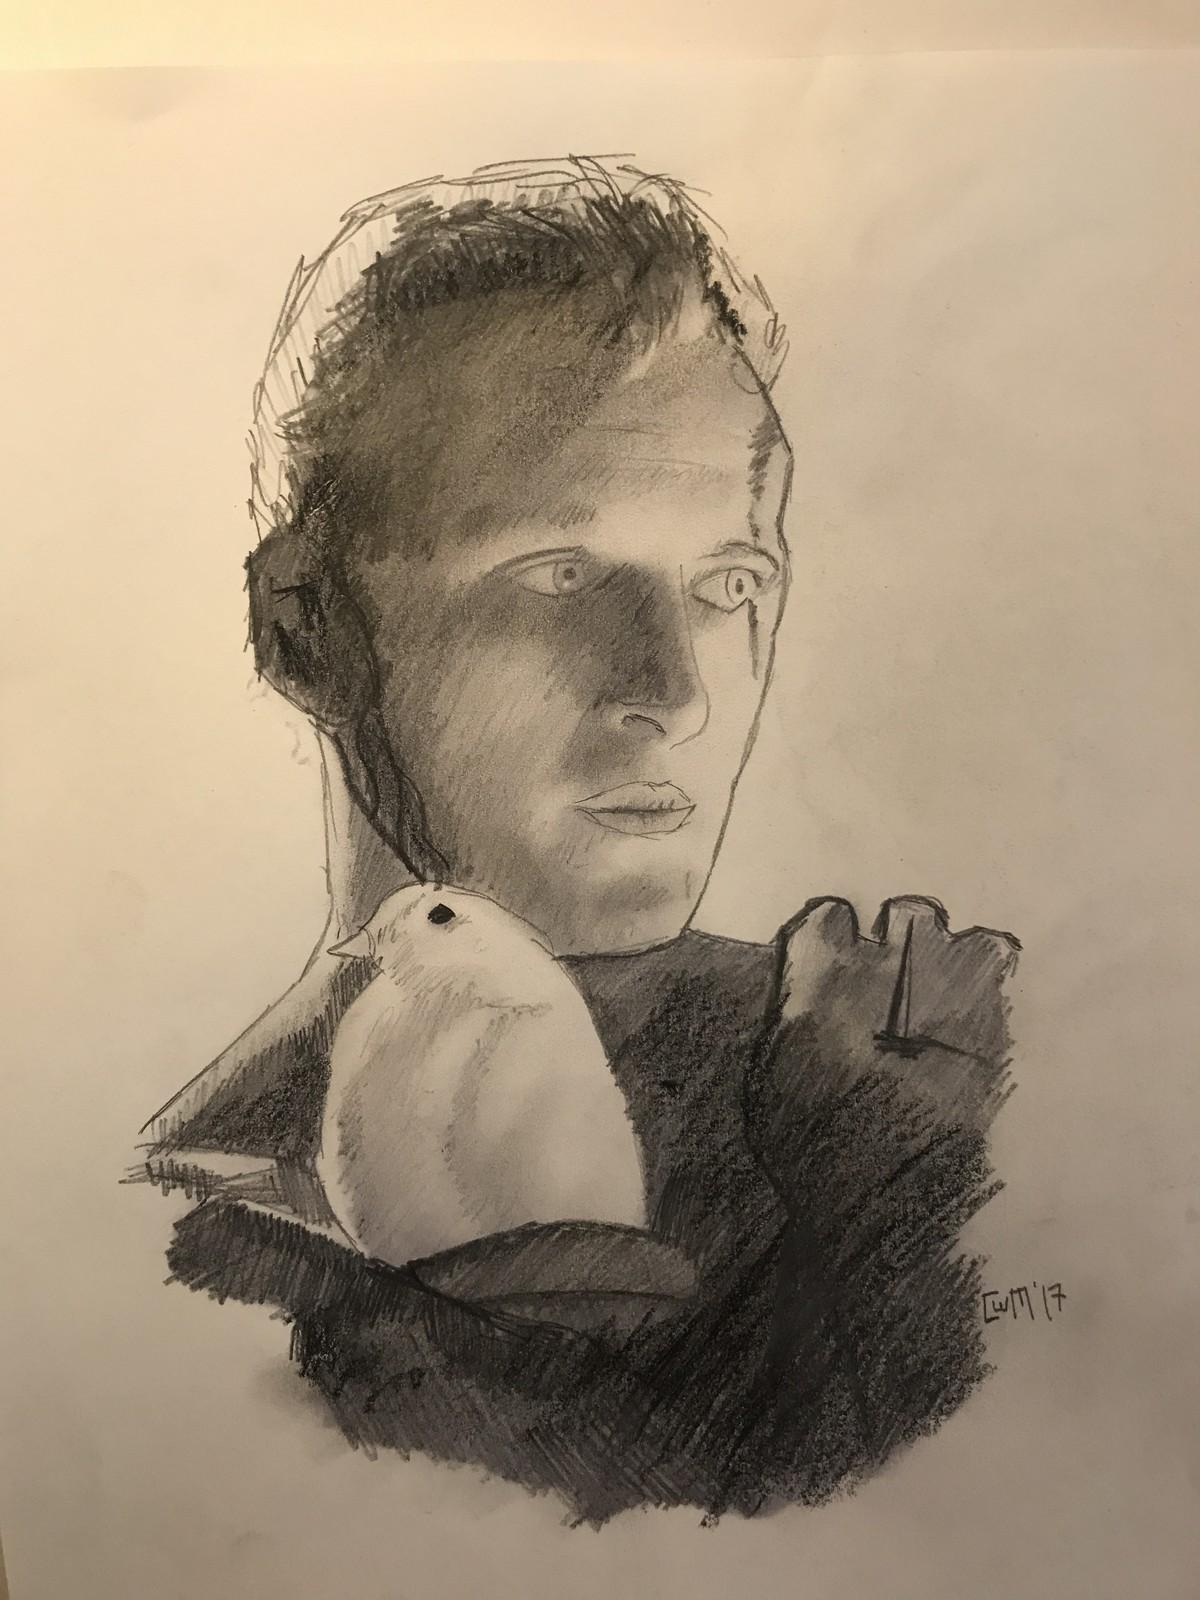 Bladerunner sketch